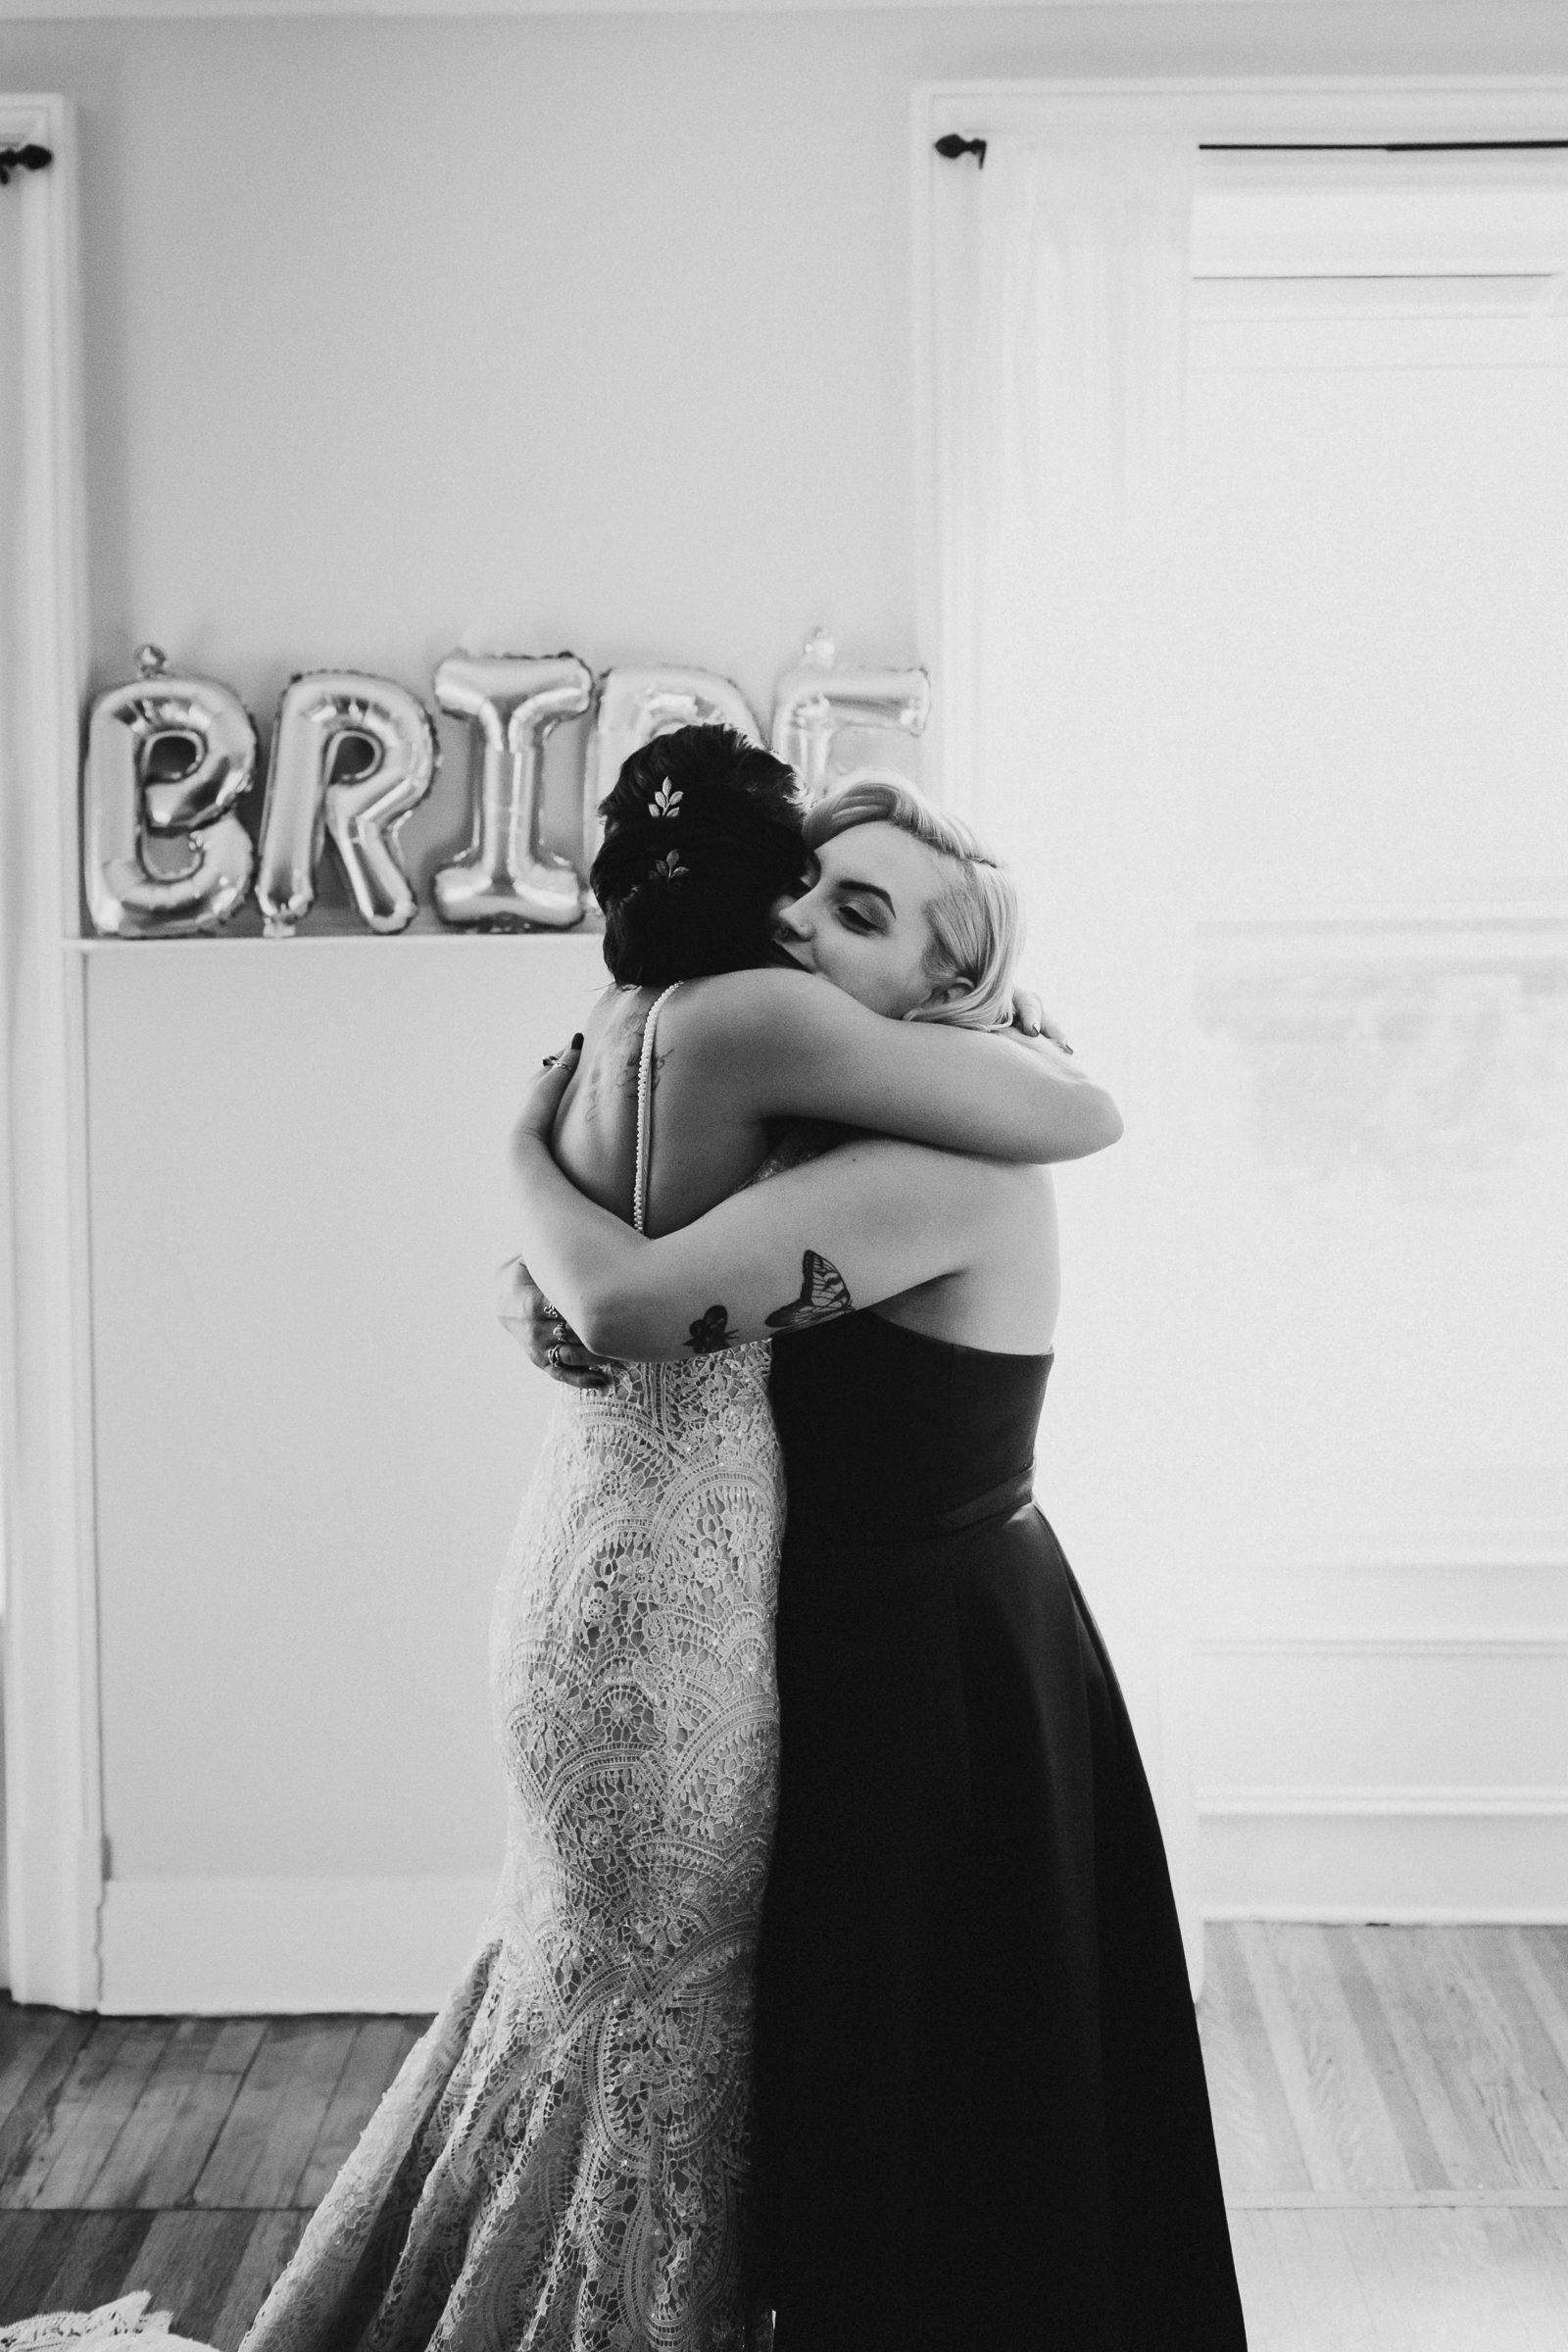 Arrow-Park-Monroe-NY-Documentary-Wedding-Photographer-17.jpg